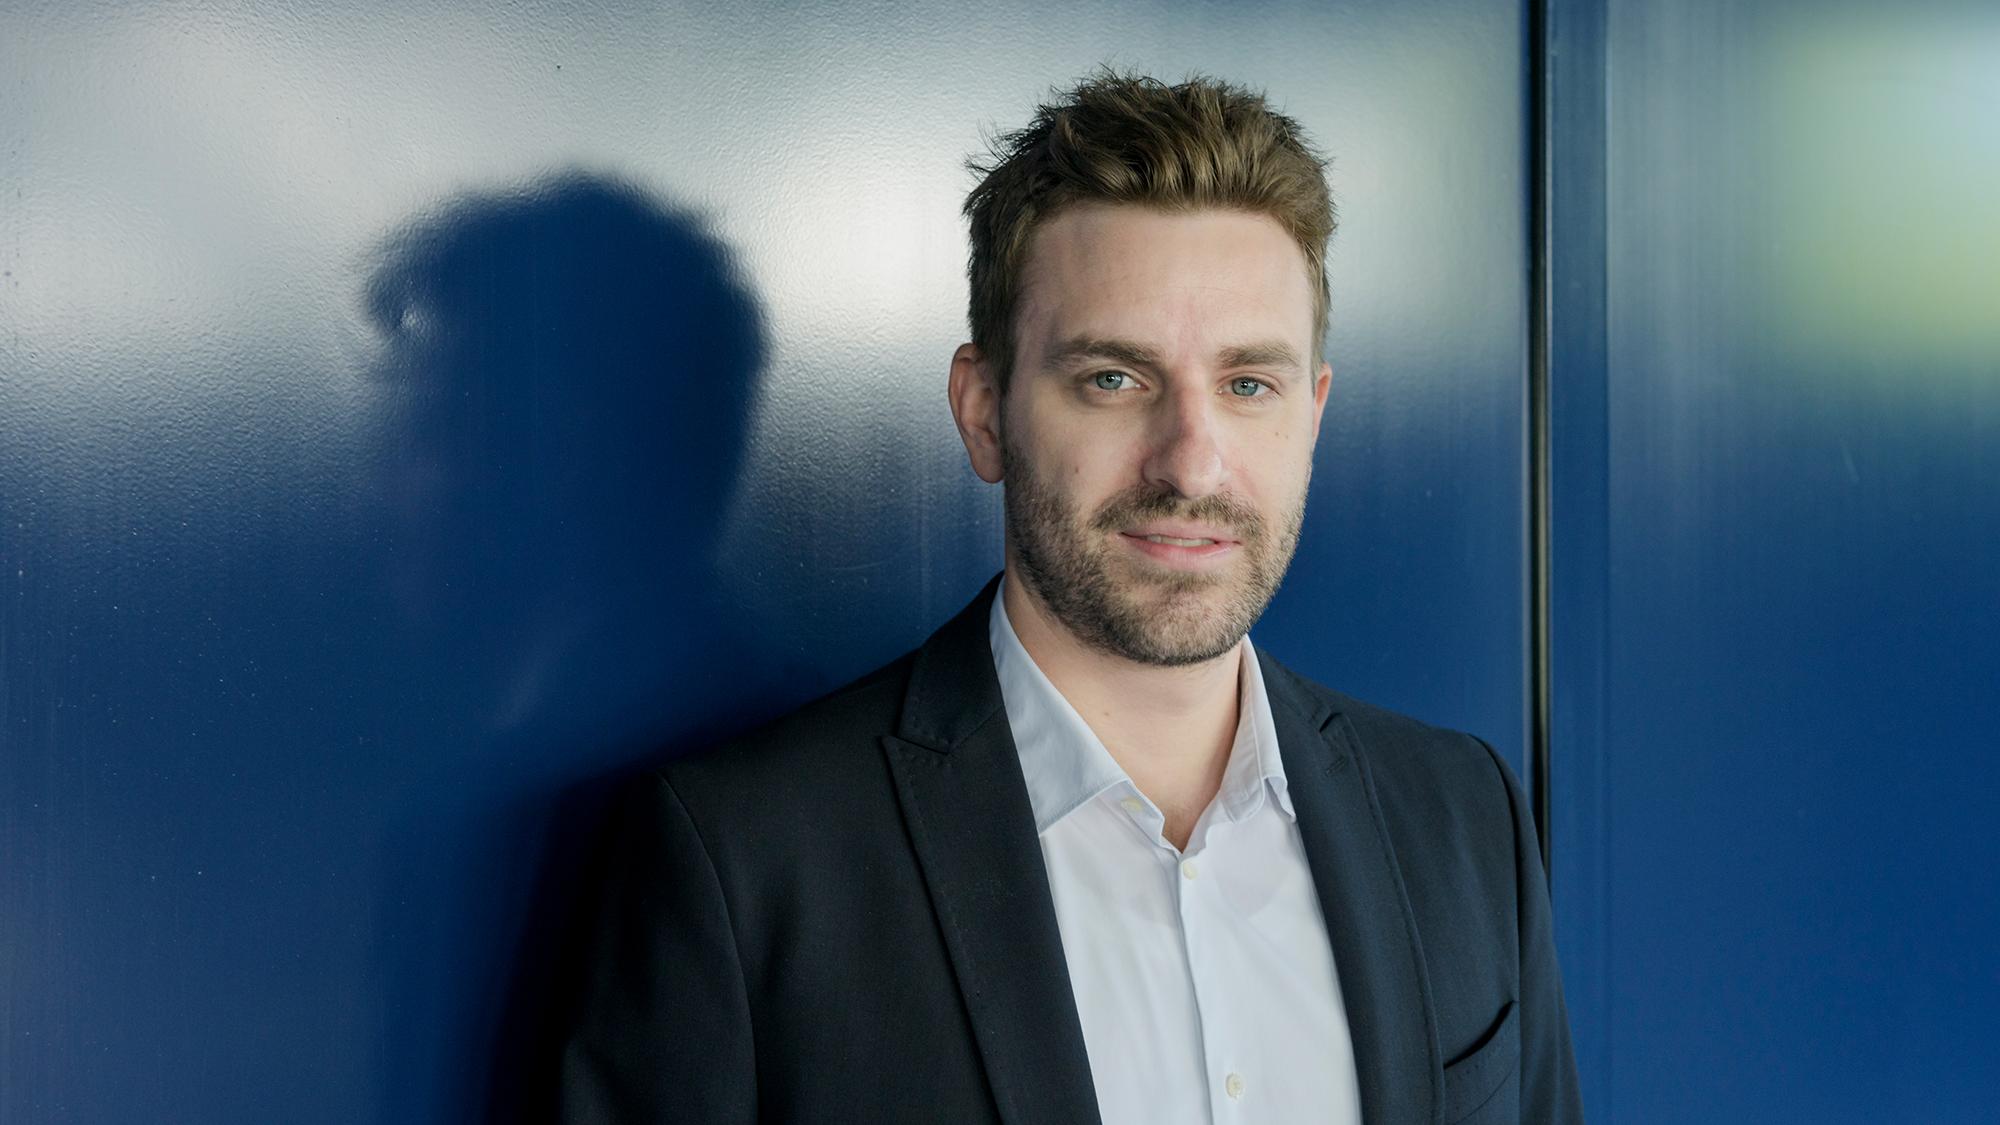 Philipp Schär, Rechtsanwalt bei Fortuna Investment AG, einer Tochtergesellschaft der Generali (Schweiz Holding AG, am Dienst